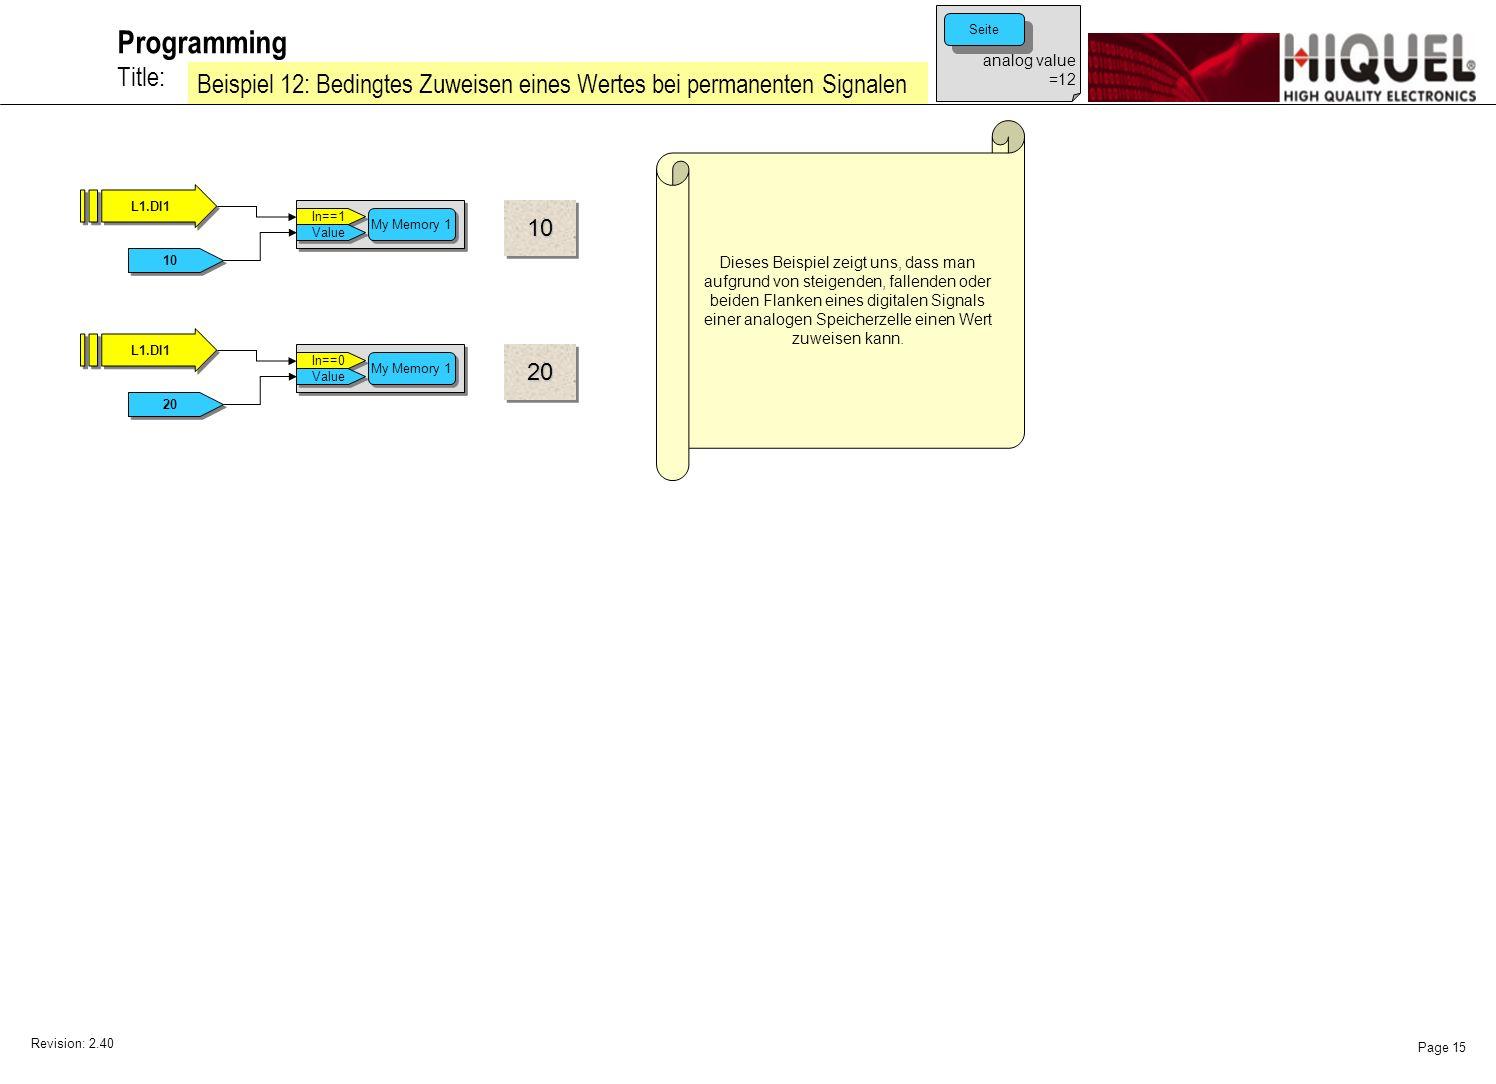 Revision: 2.40 Page 15 Title: Programming Beispiel 12: Bedingtes Zuweisen eines Wertes bei permanenten Signalen Dieses Beispiel zeigt uns, dass man aufgrund von steigenden, fallenden oder beiden Flanken eines digitalen Signals einer analogen Speicherzelle einen Wert zuweisen kann.